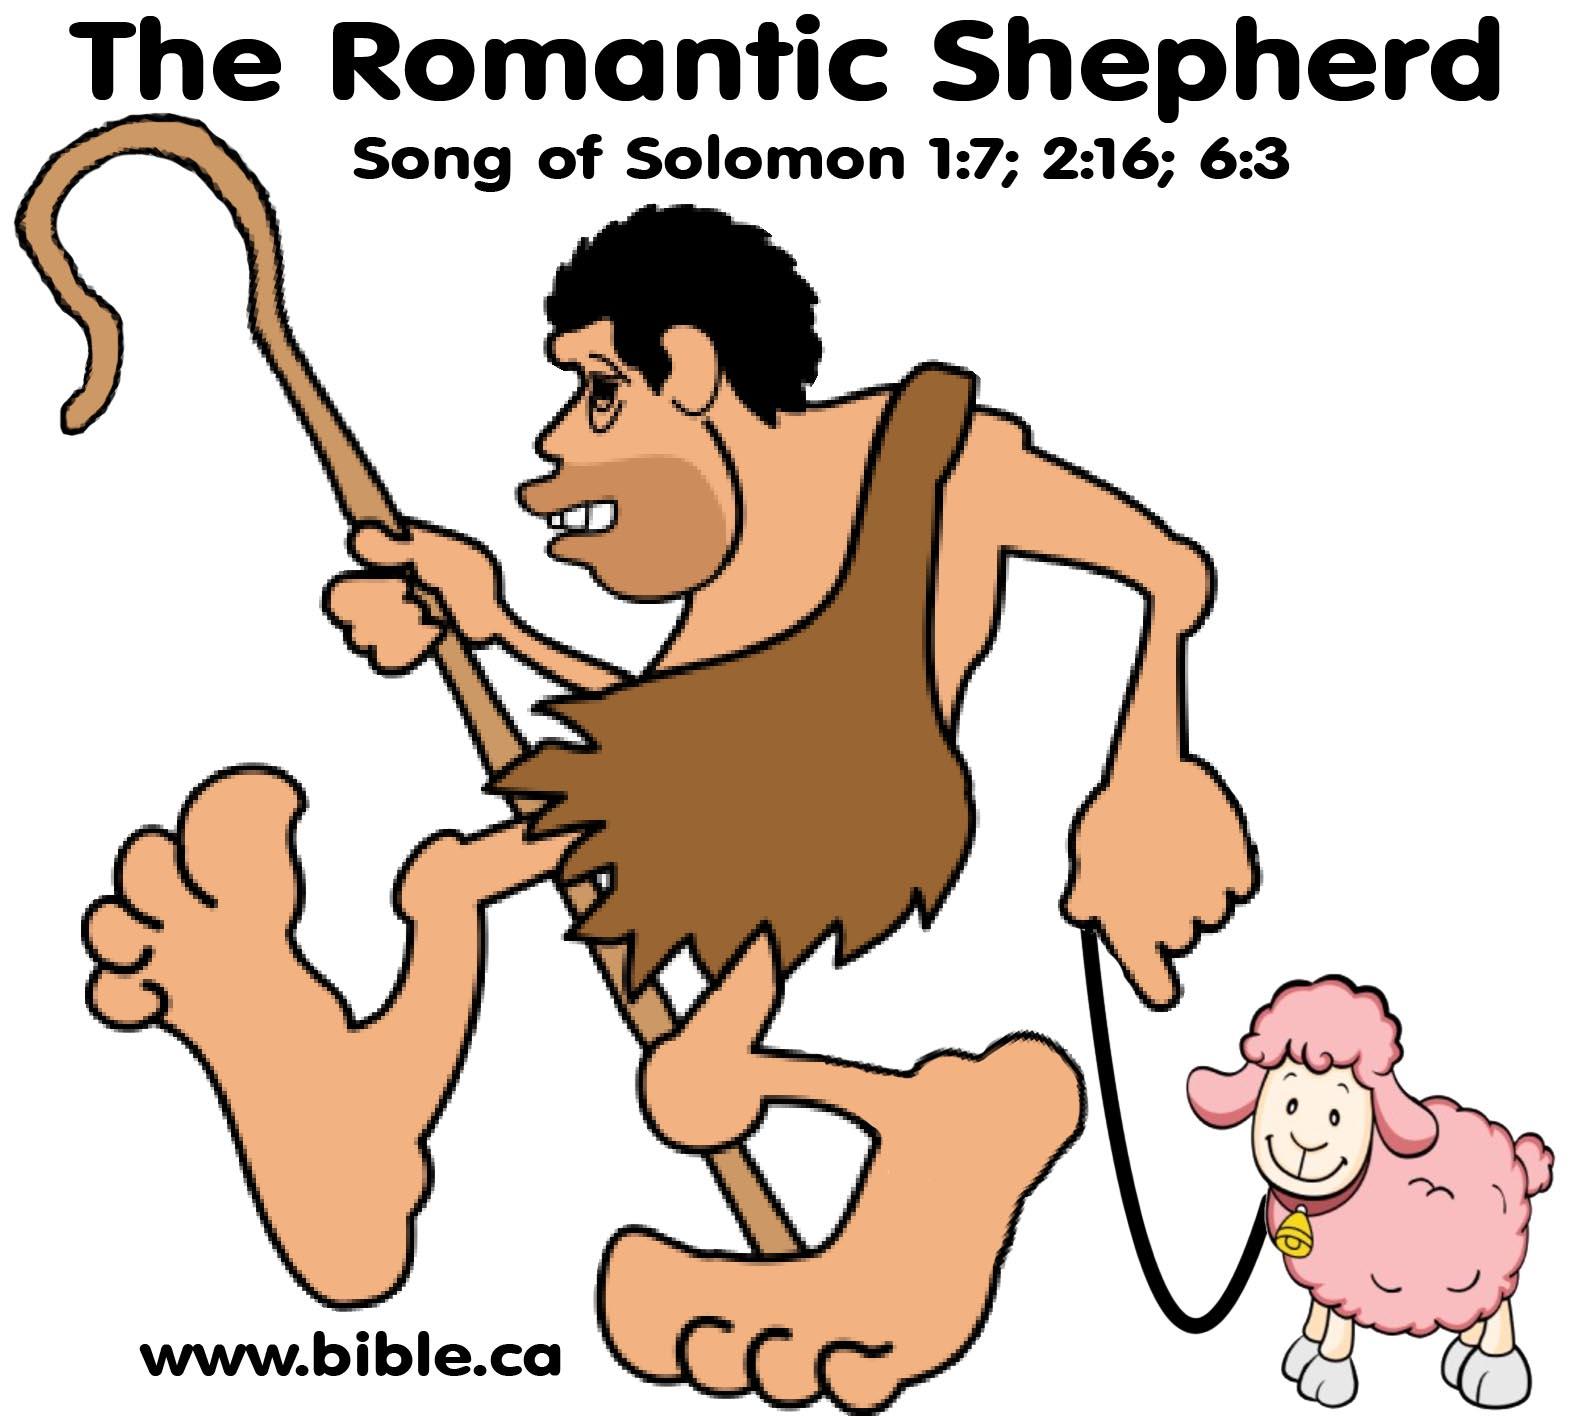 The poor shepherd boy represents love, inner happiness and joy.